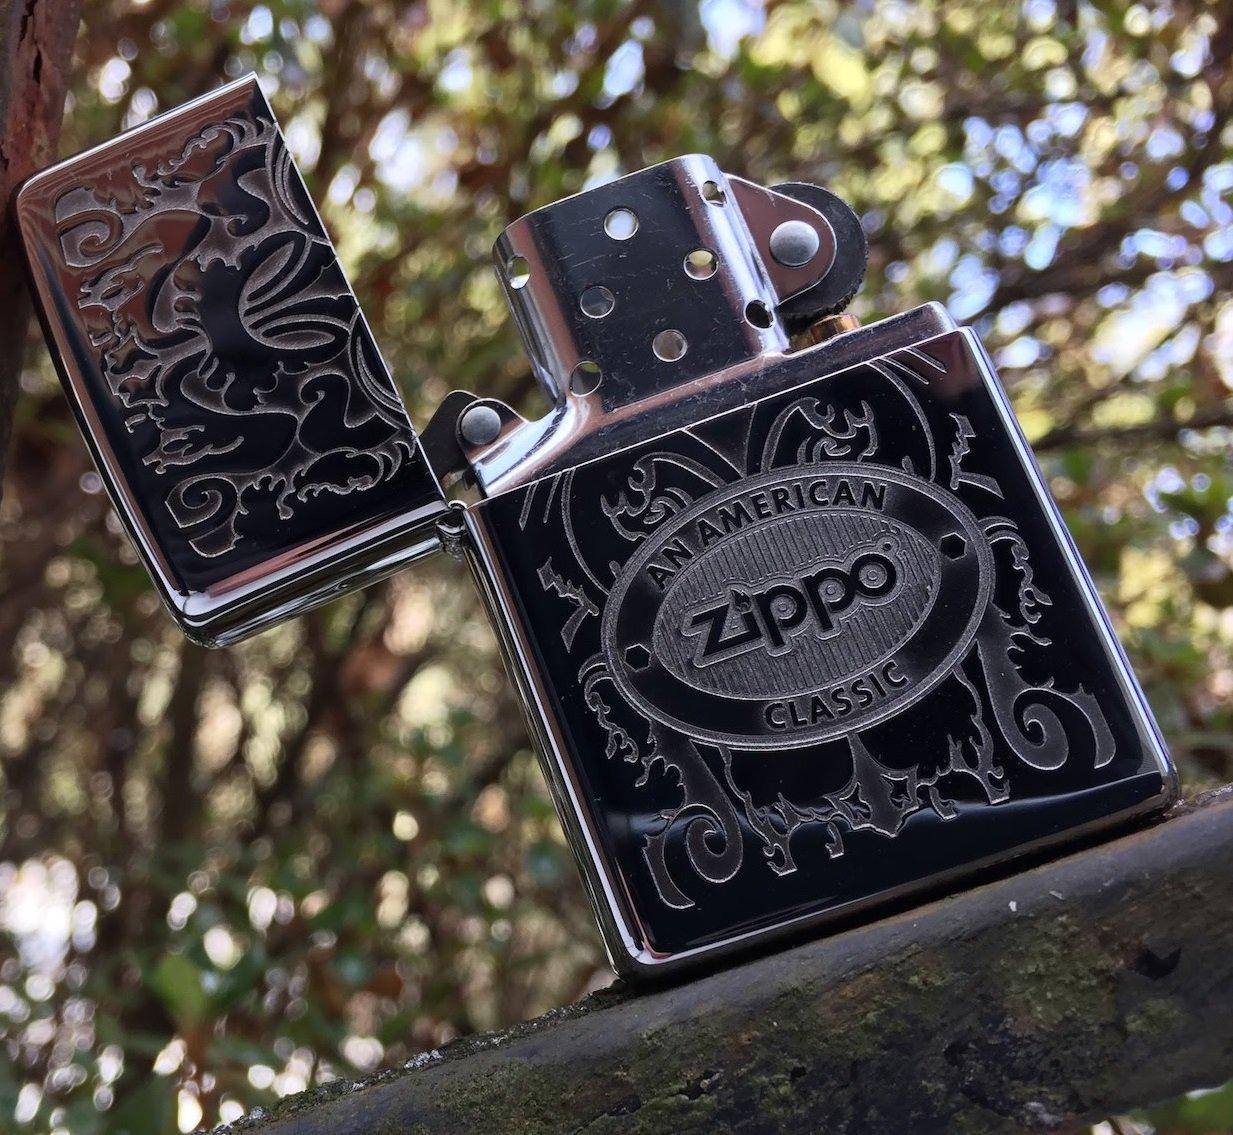 Bật lửa Zippo 24751 Crown Stamp with American Classic Lighter chính hãng giá rẻ